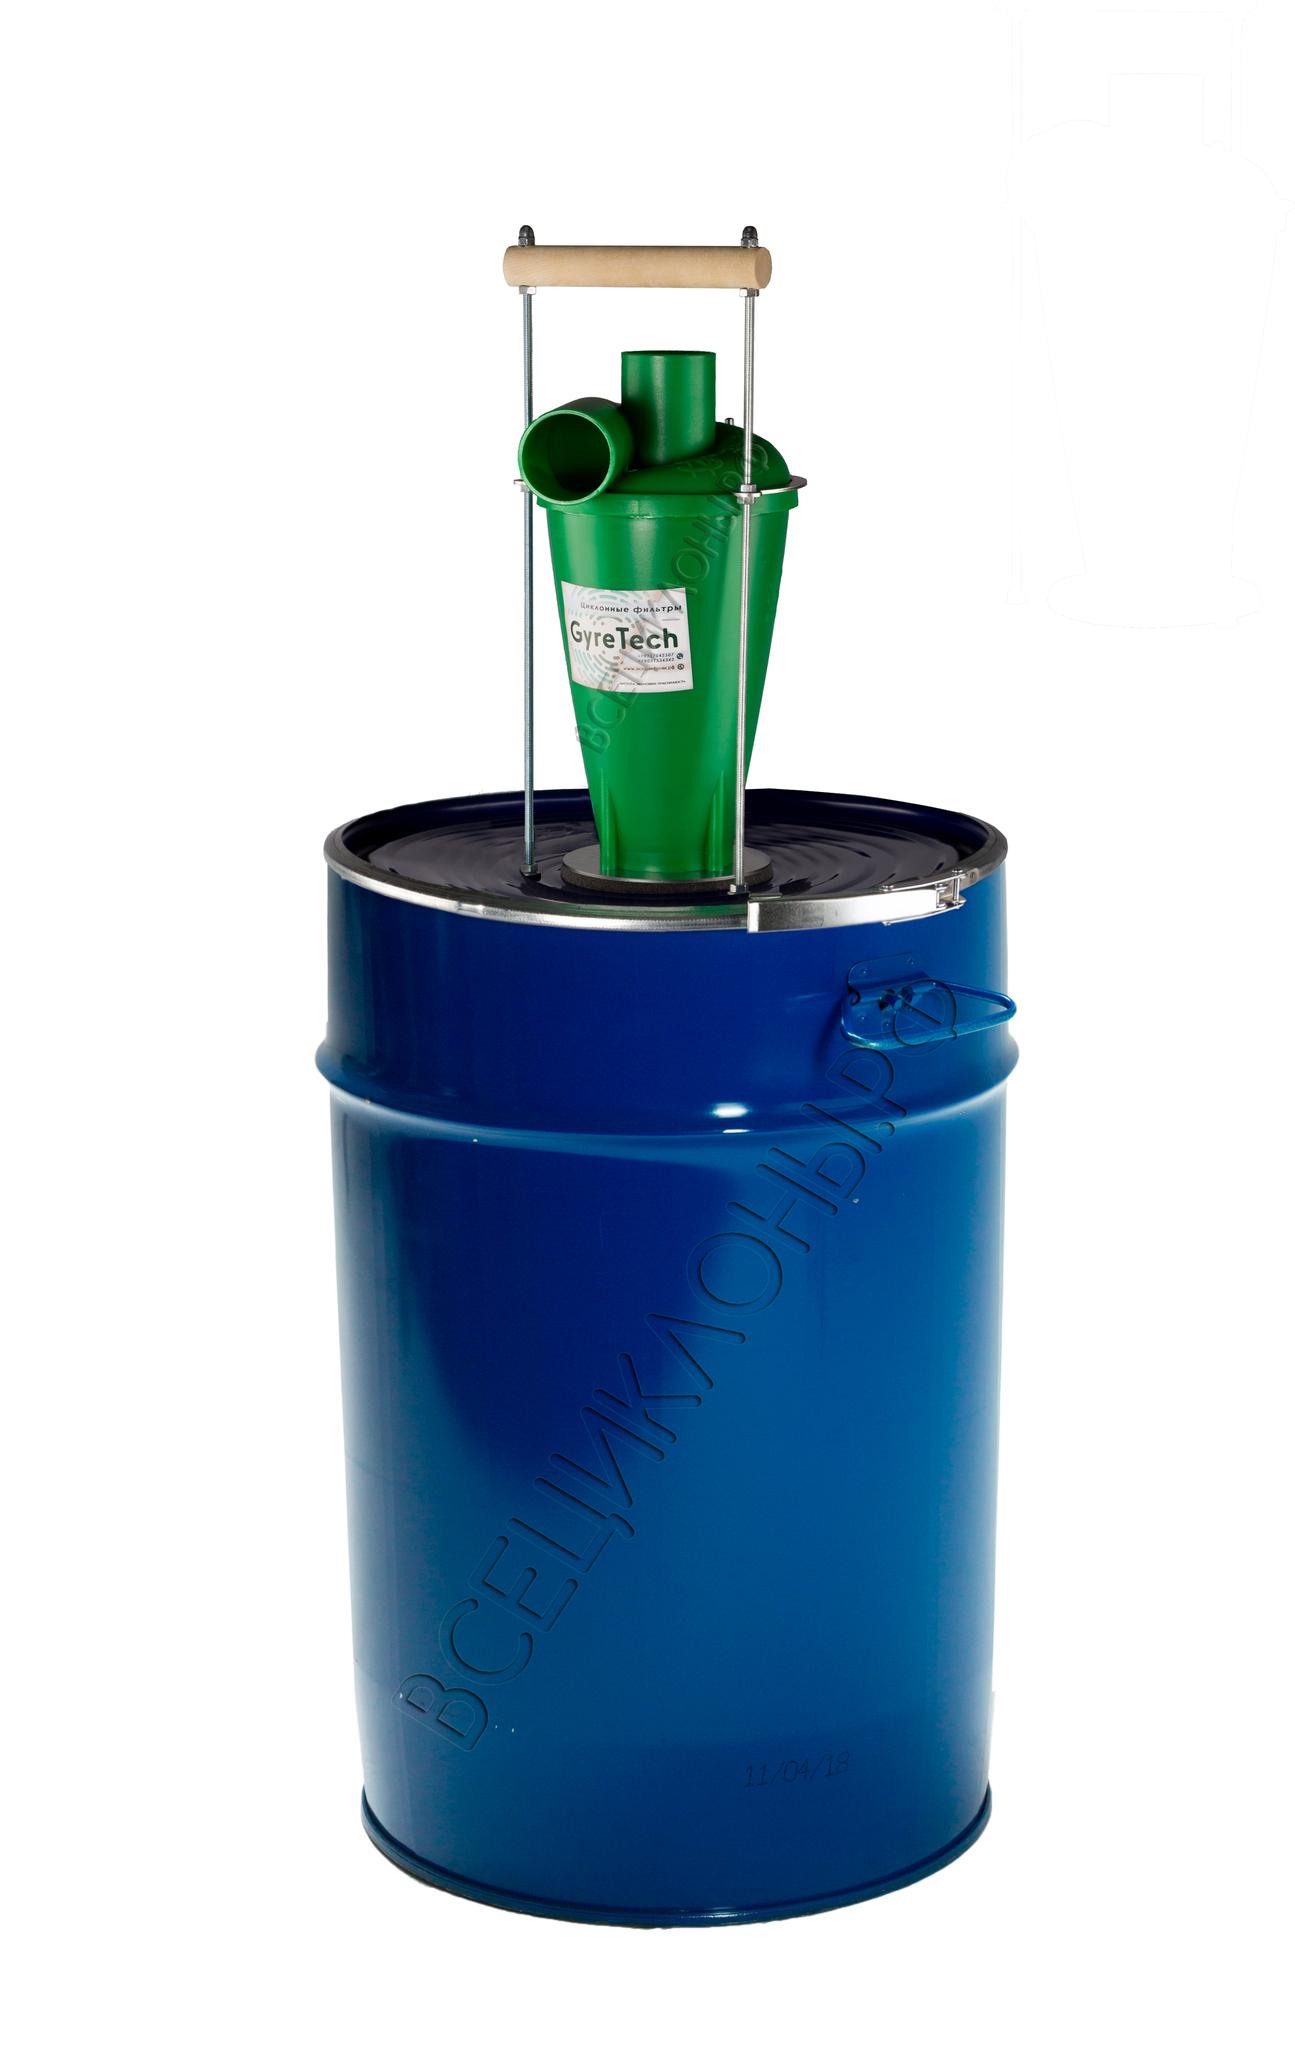 Пример Комплекта с Циклонным фильтром М-2 (шланги, переходники, крепления и пылесборник продаются отдельно)